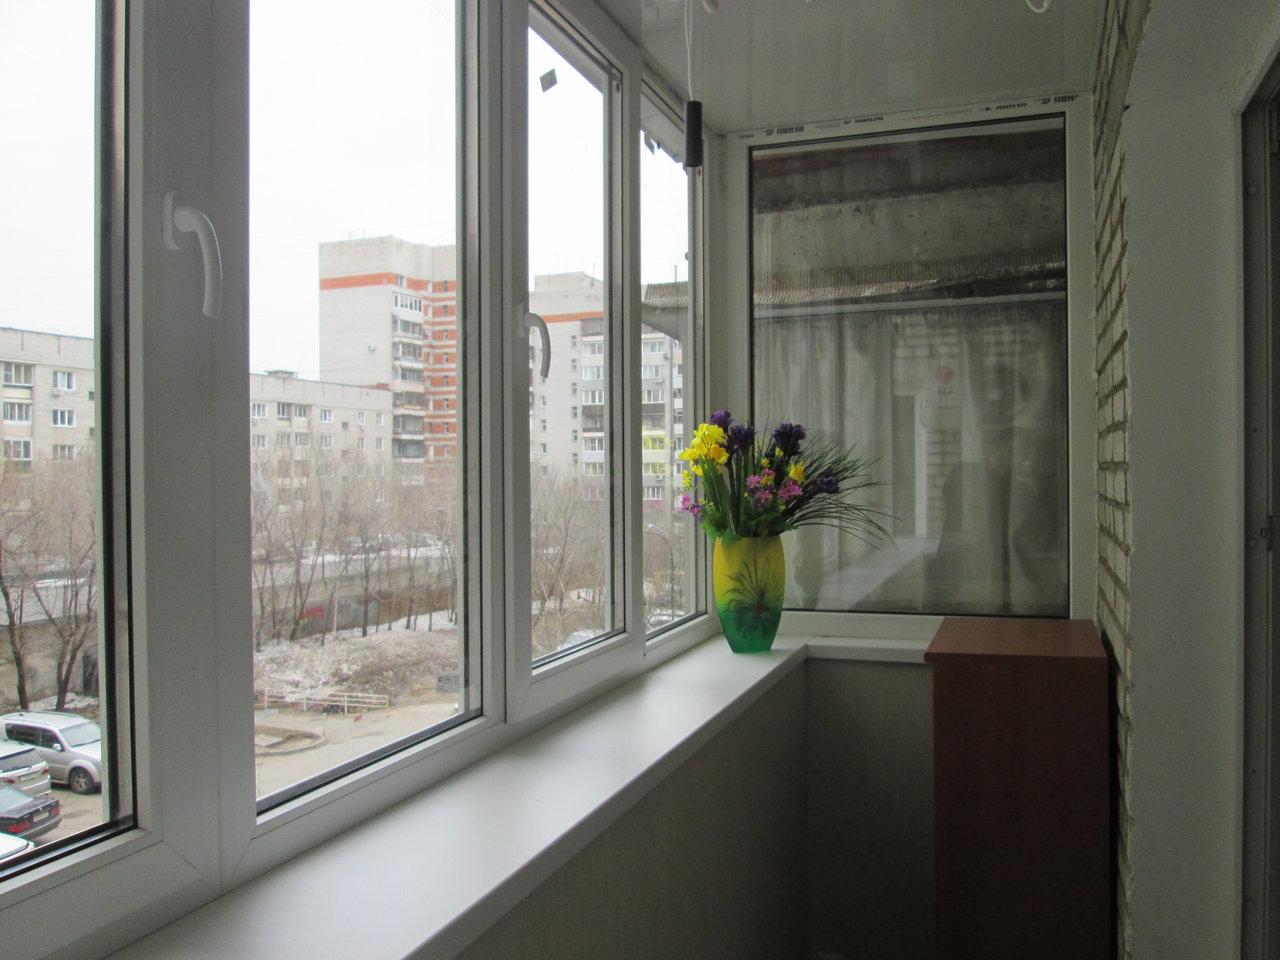 Мир балконов компания остекление балконов, лоджий, г. хабаро.